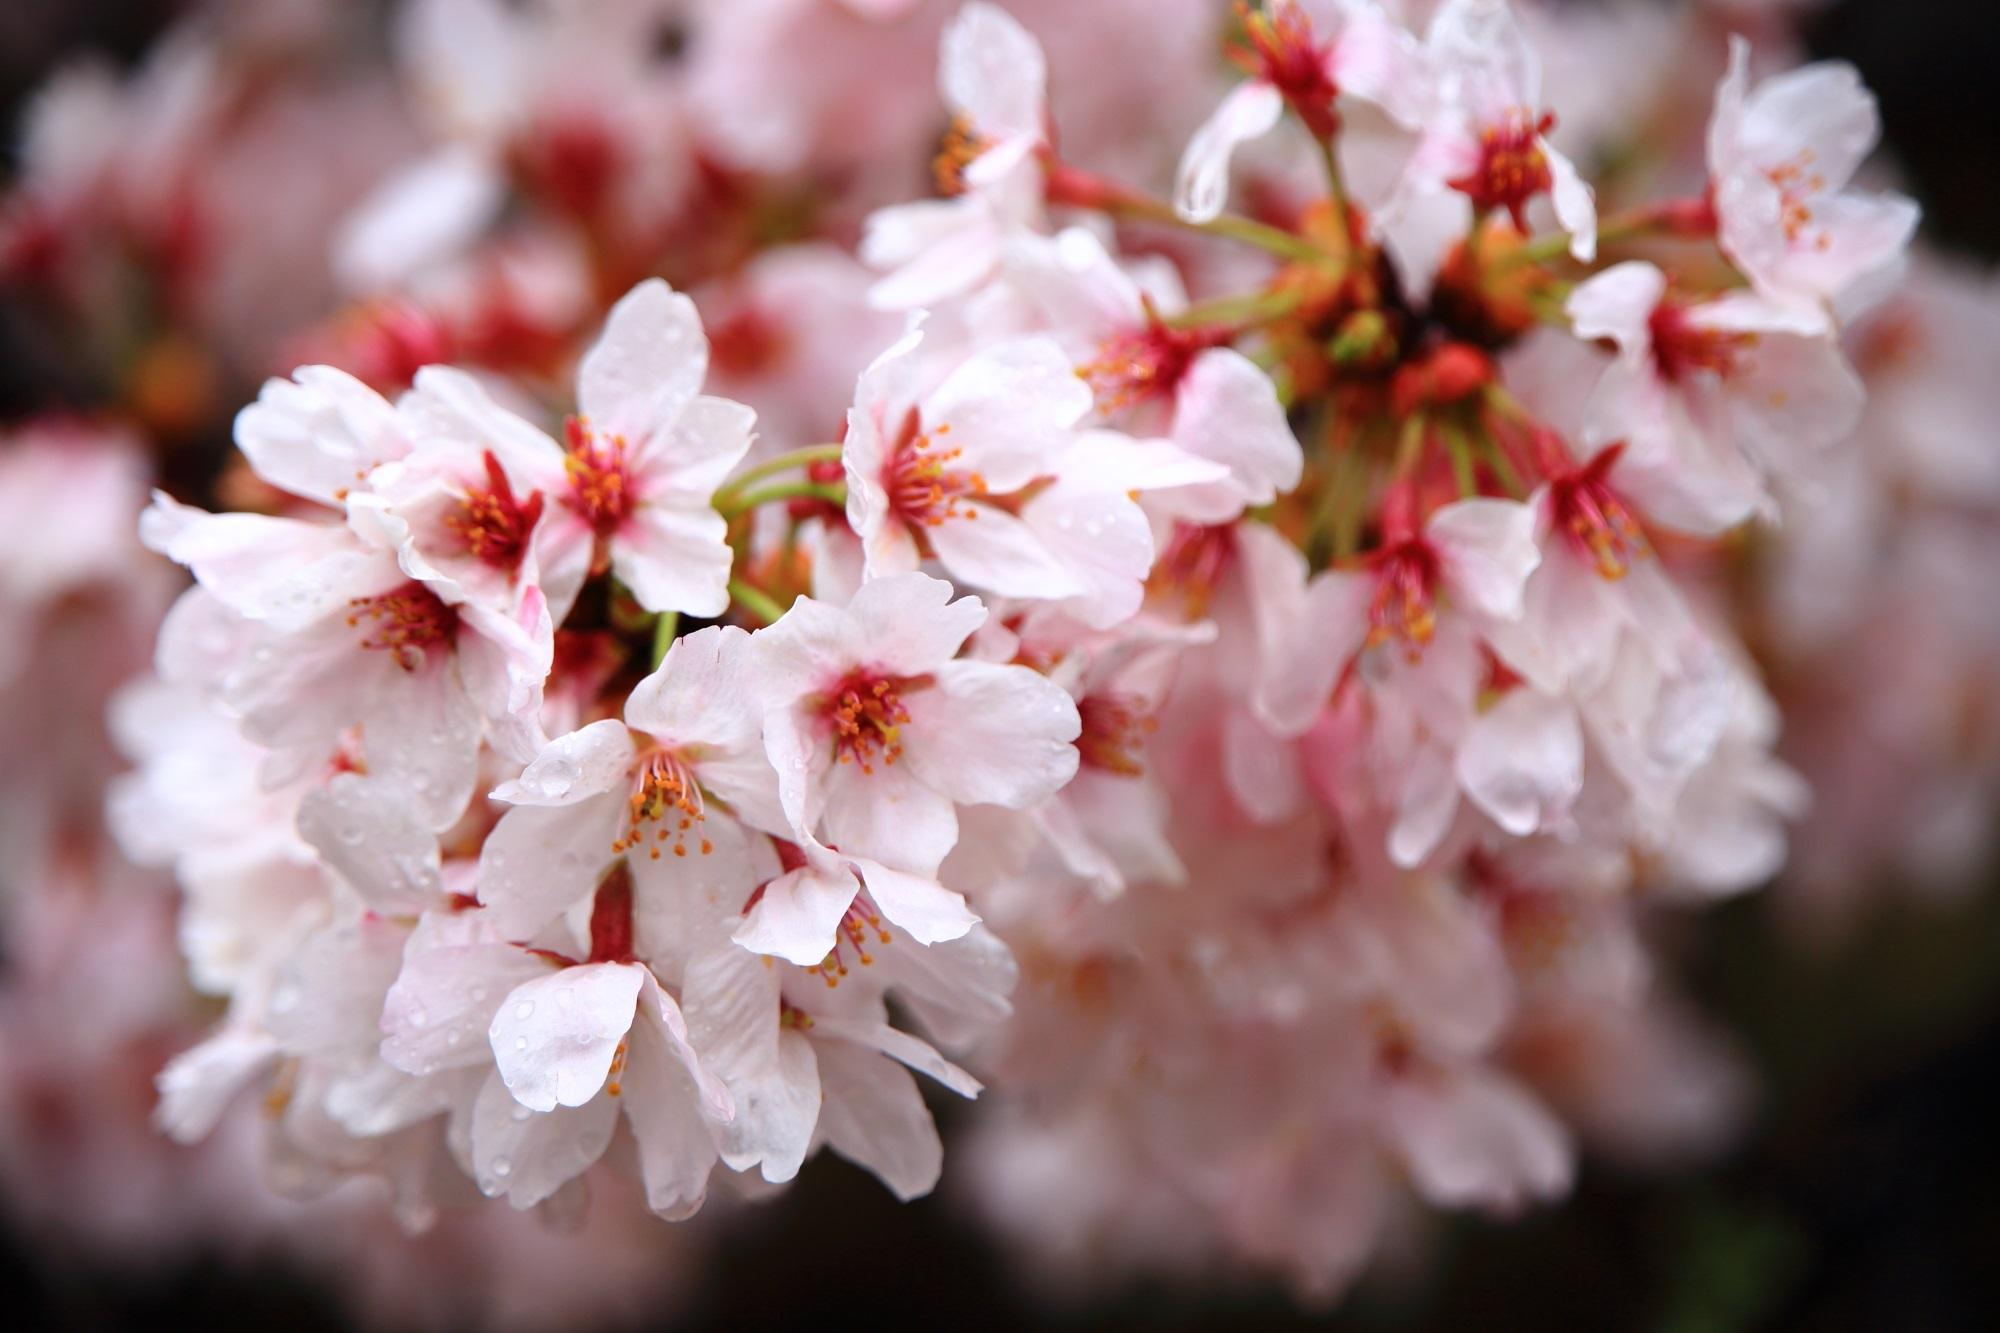 雨の中で見事に咲き誇るソメイヨシノ